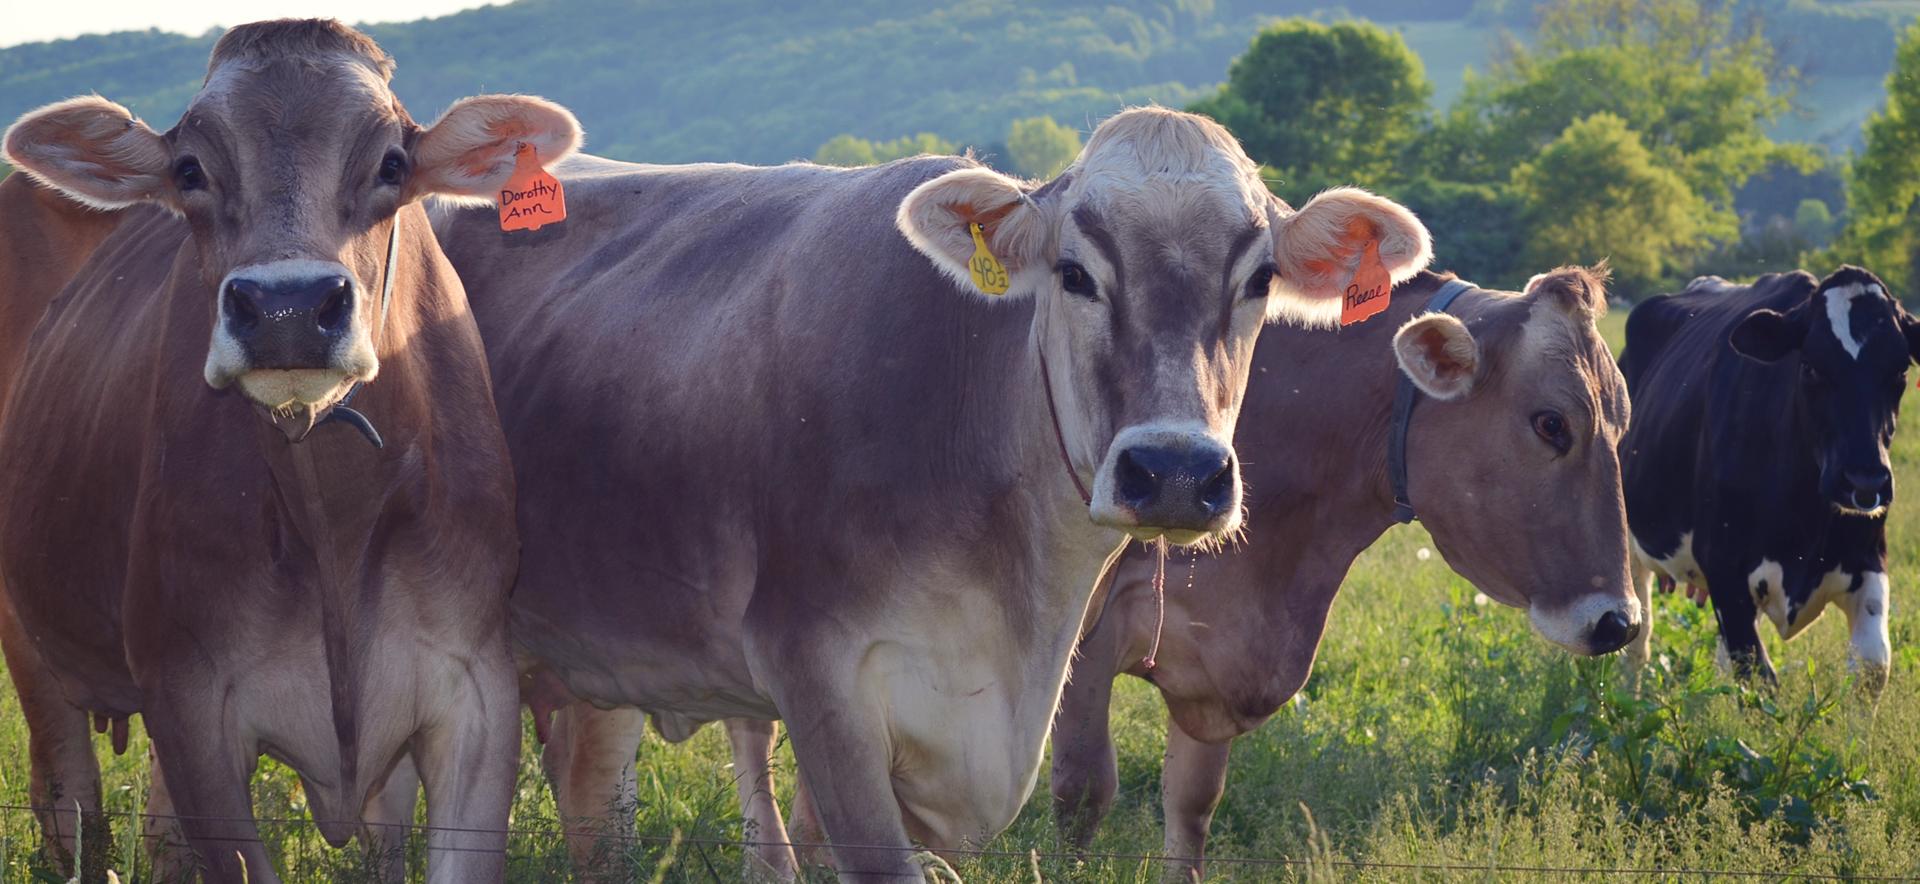 TV-HomePageSlider-Cows